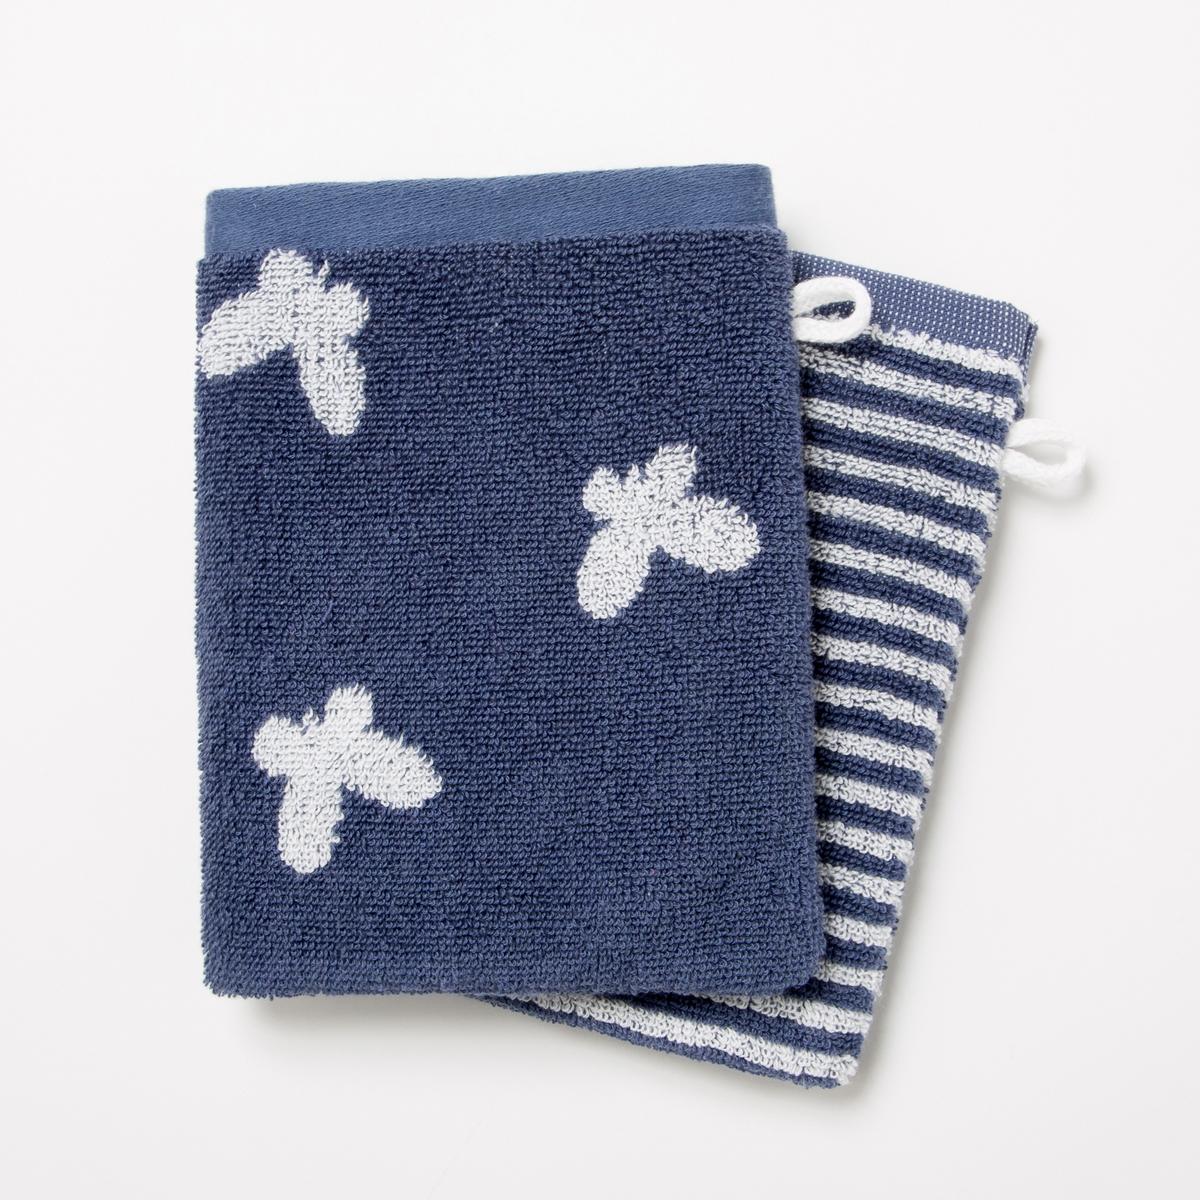 Комплект из 2 банных рукавичек из махровой ткани, 500 г/м² - CANELO (lot de 2)